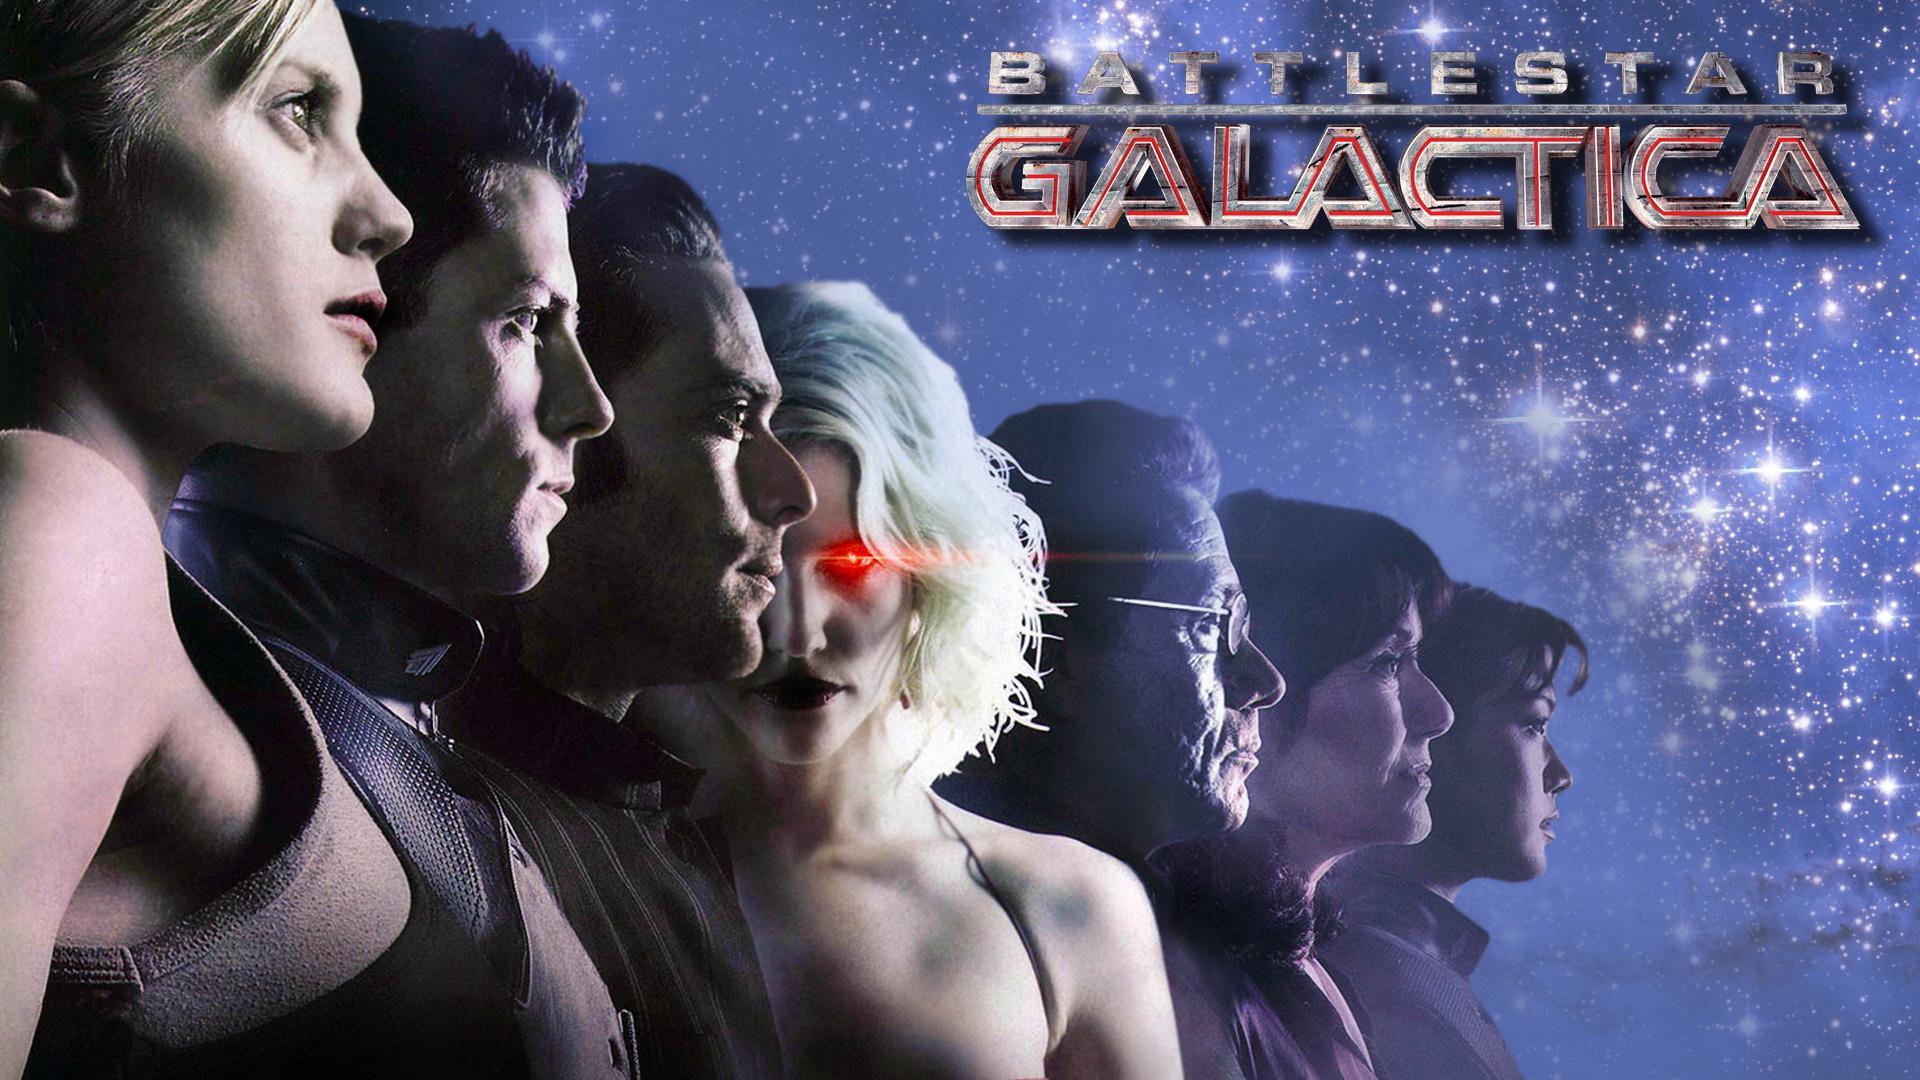 Breaking Bad Quotes Wallpaper Free Download Battlestar Galactica Wallpaper Pixelstalk Net